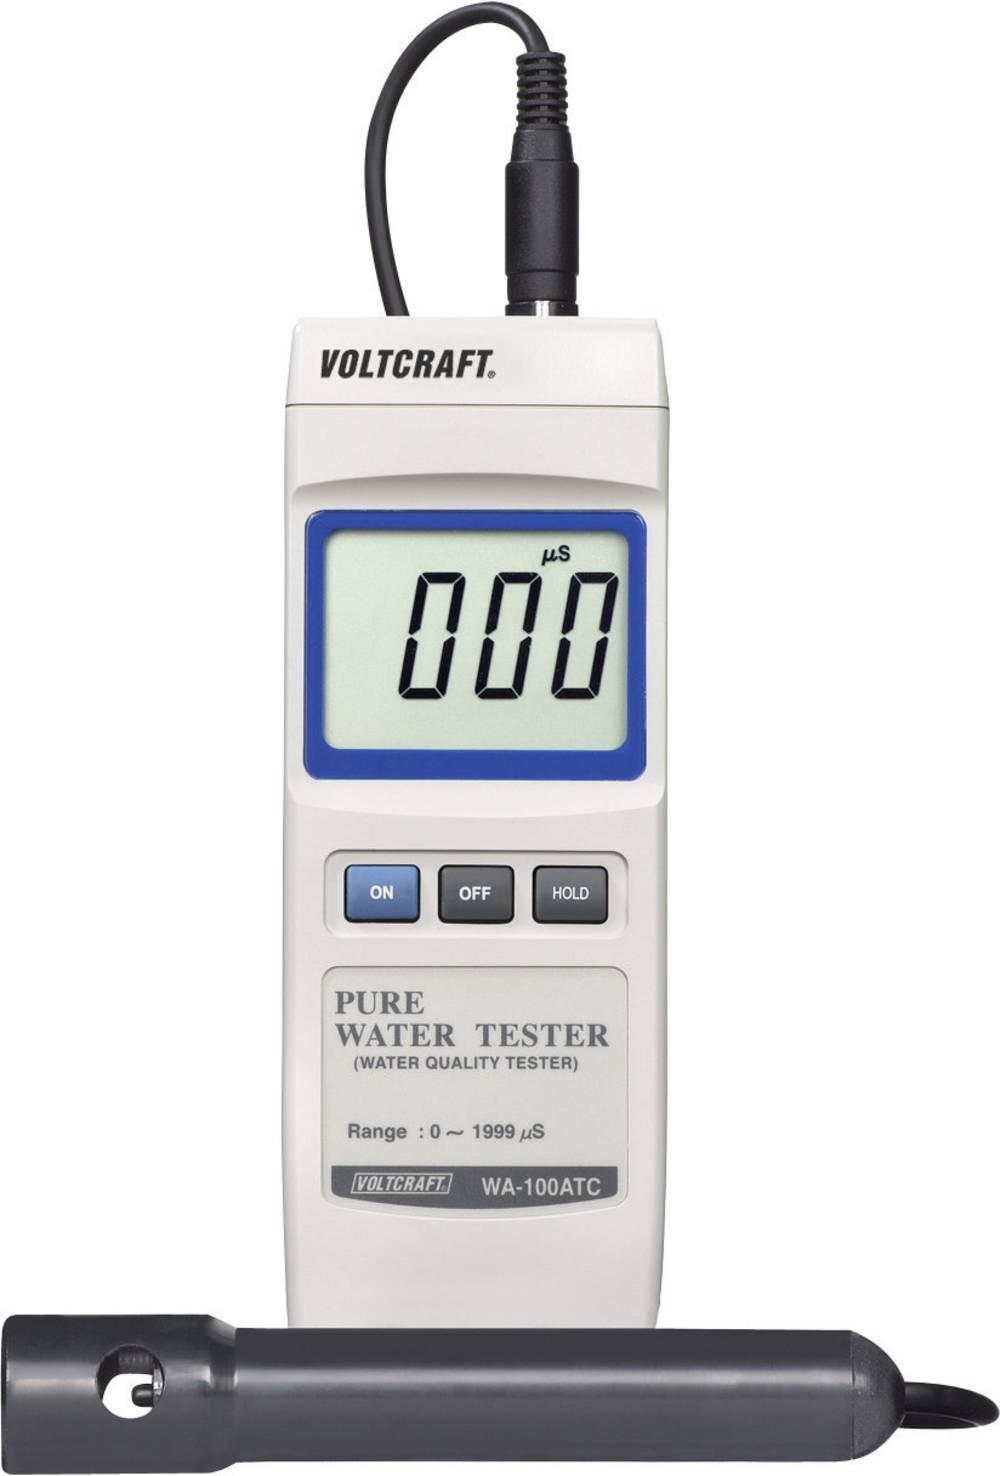 VOLTCRAFT WA-100 ATC programska oprema s shranjevalnikom podatkov kalibriran po ISO